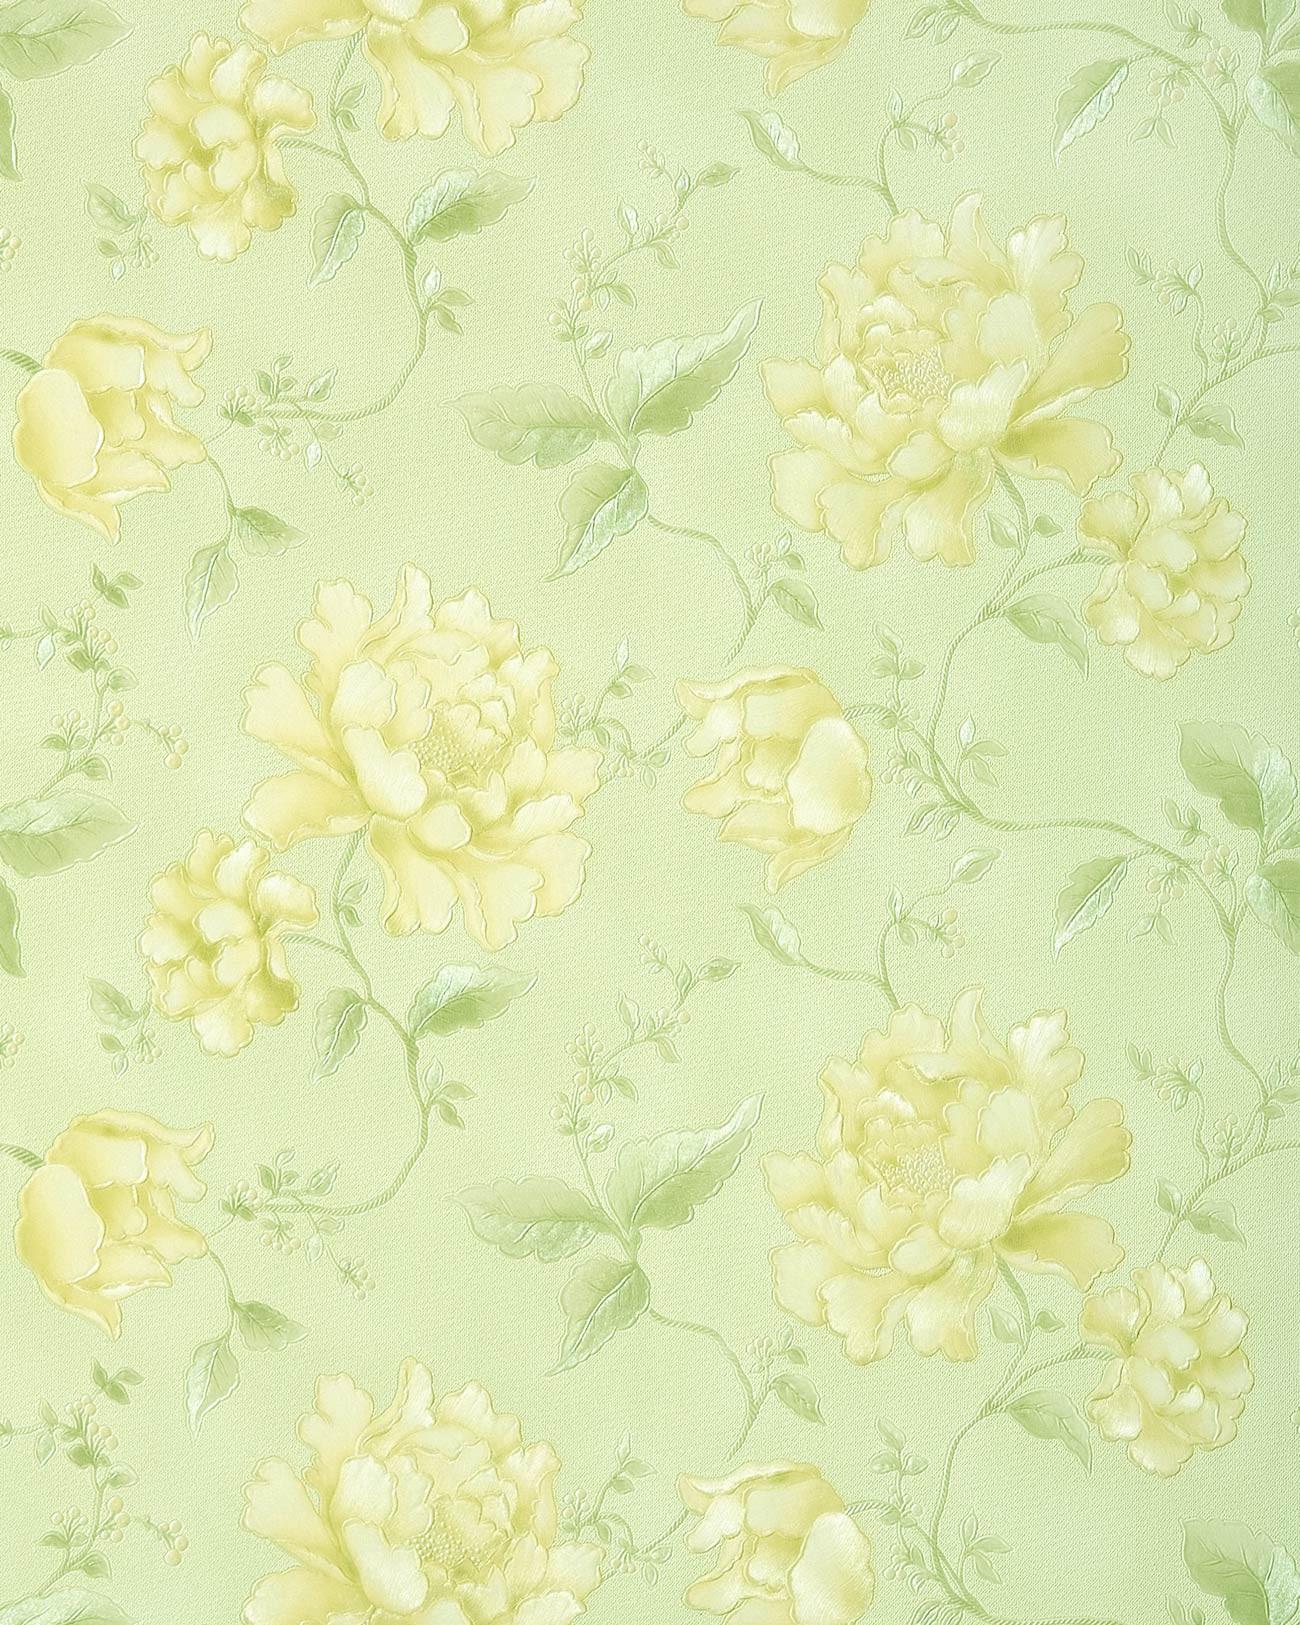 Carta da parati a fiori edem 748 38 rivestimento murale for Carta da parati 3d fiori